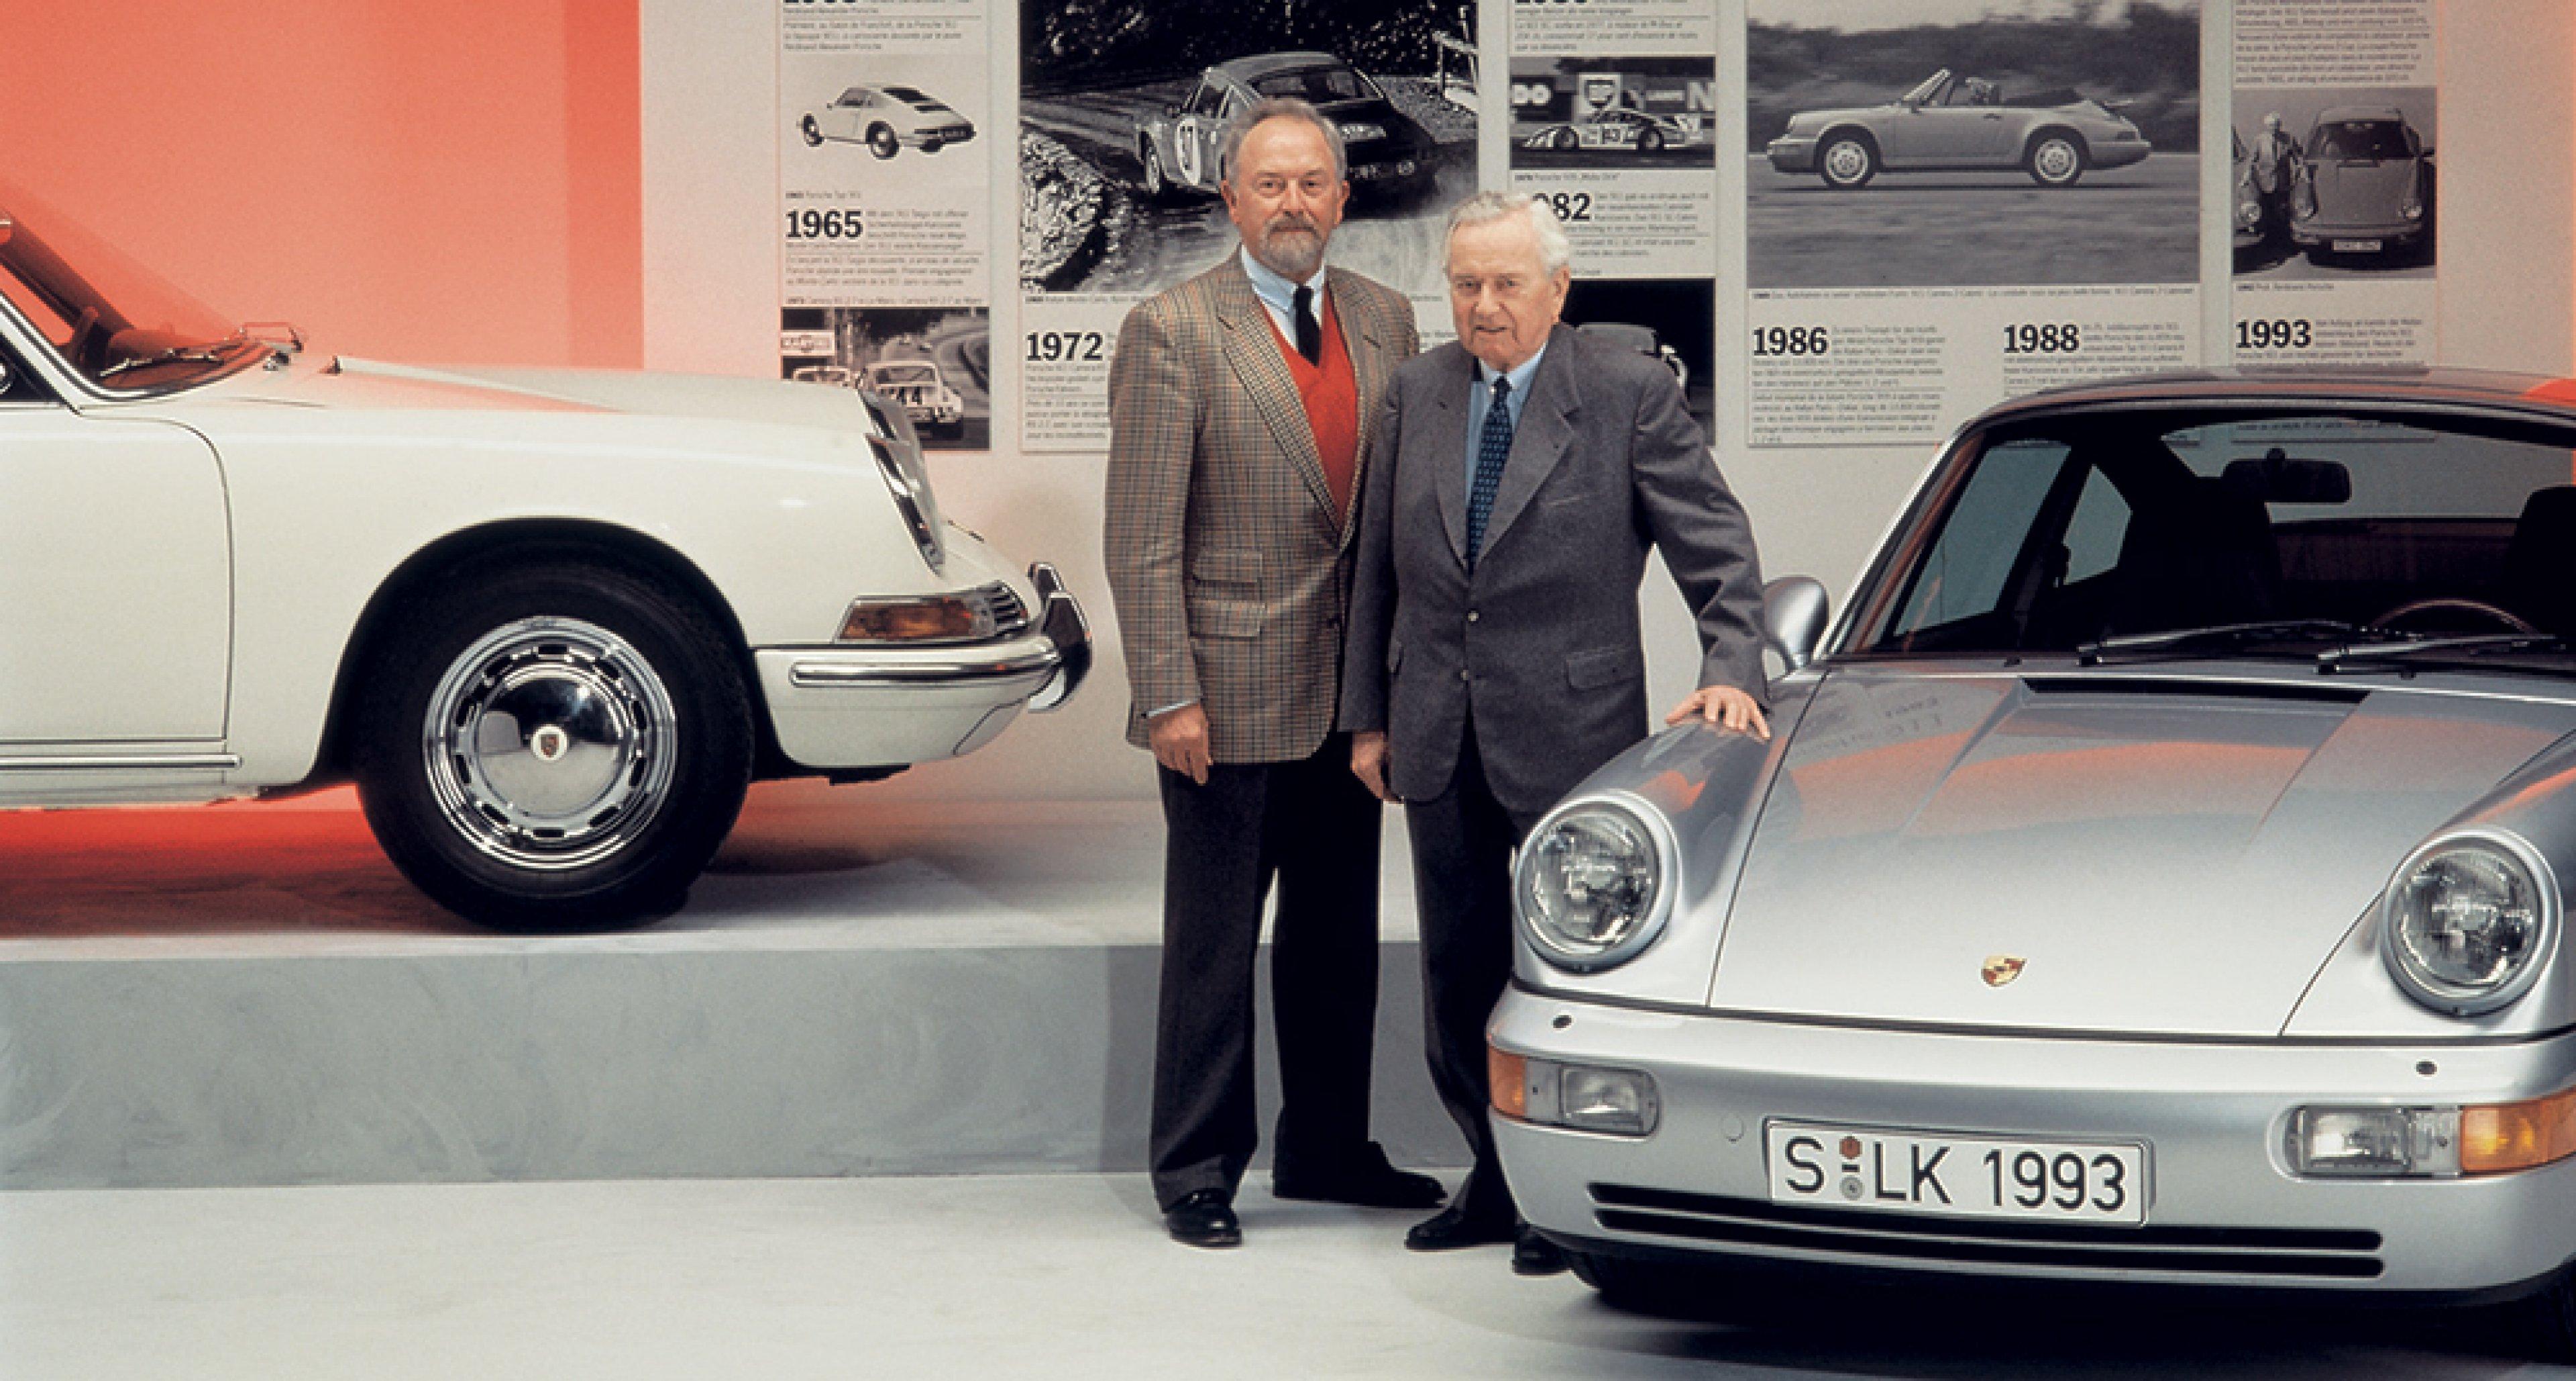 Ferry Porsche with his son Ferdinand Alexander in 1993. © Porsche archives